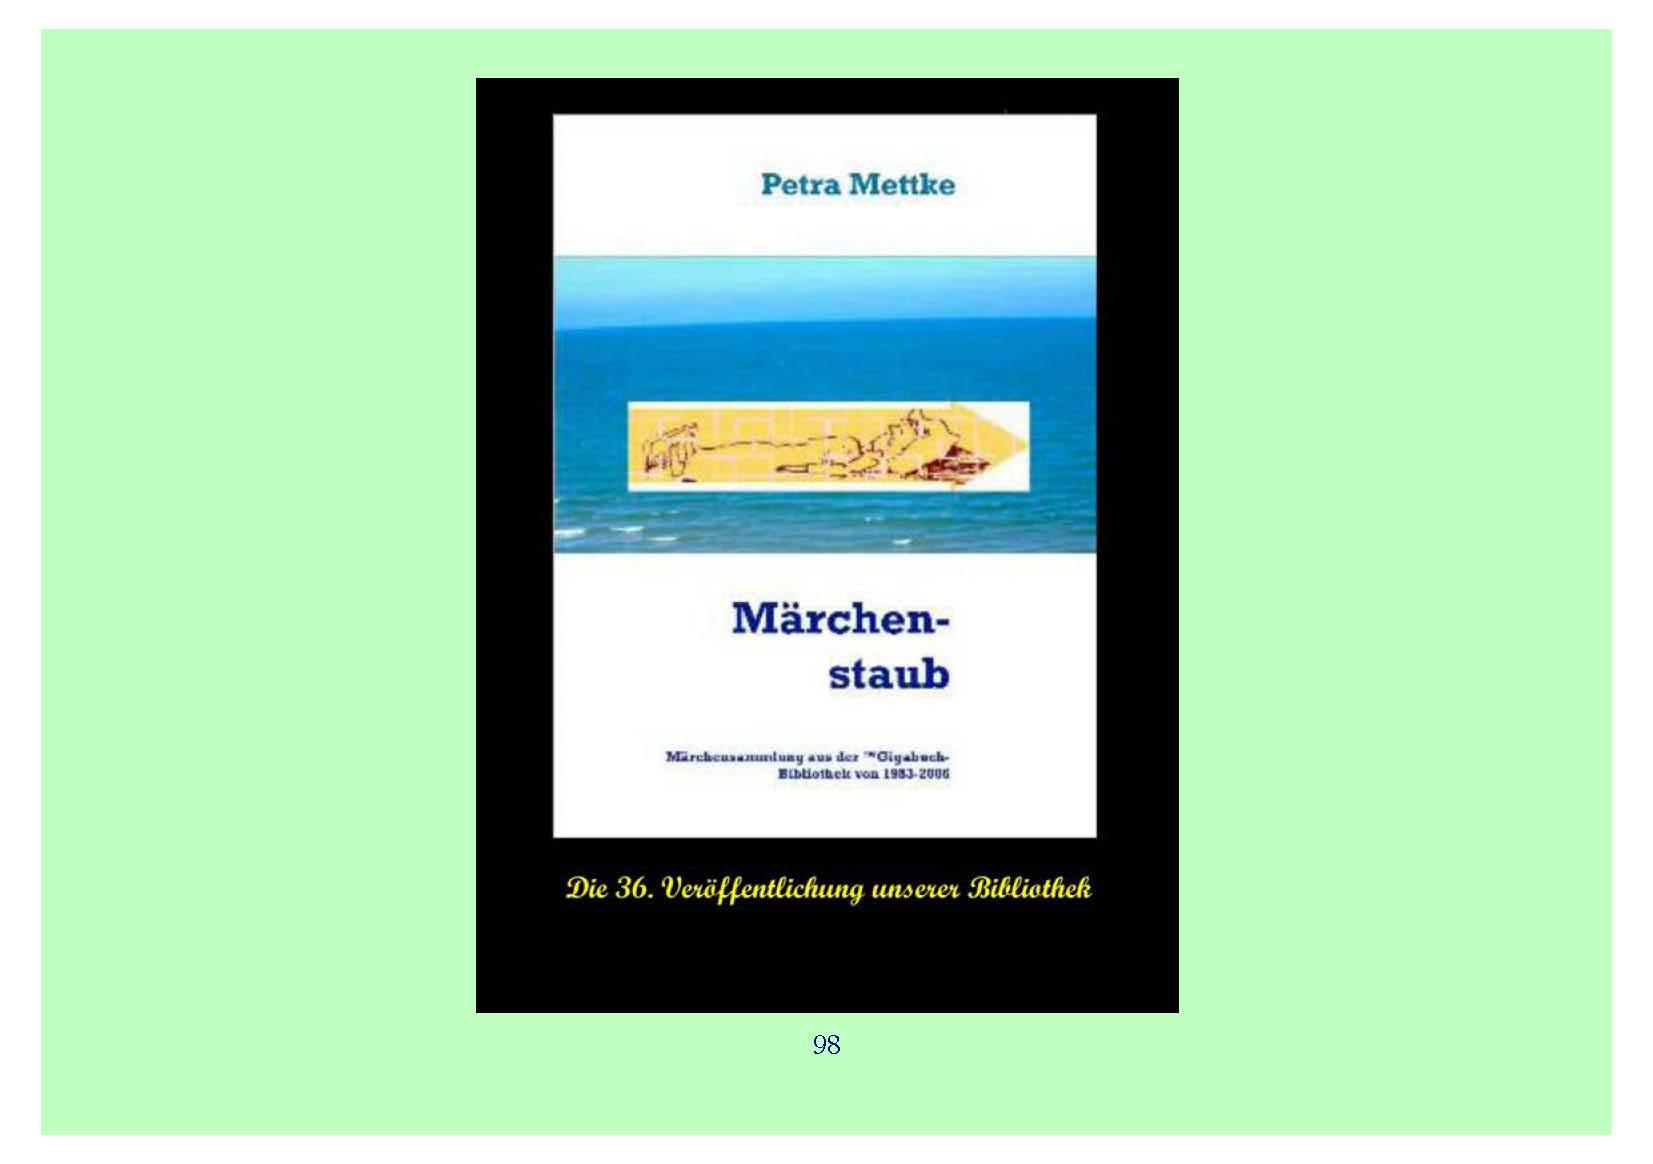 ™Gigabuch-Bibliothek/iAutobiographie Band 4/Bild 0300